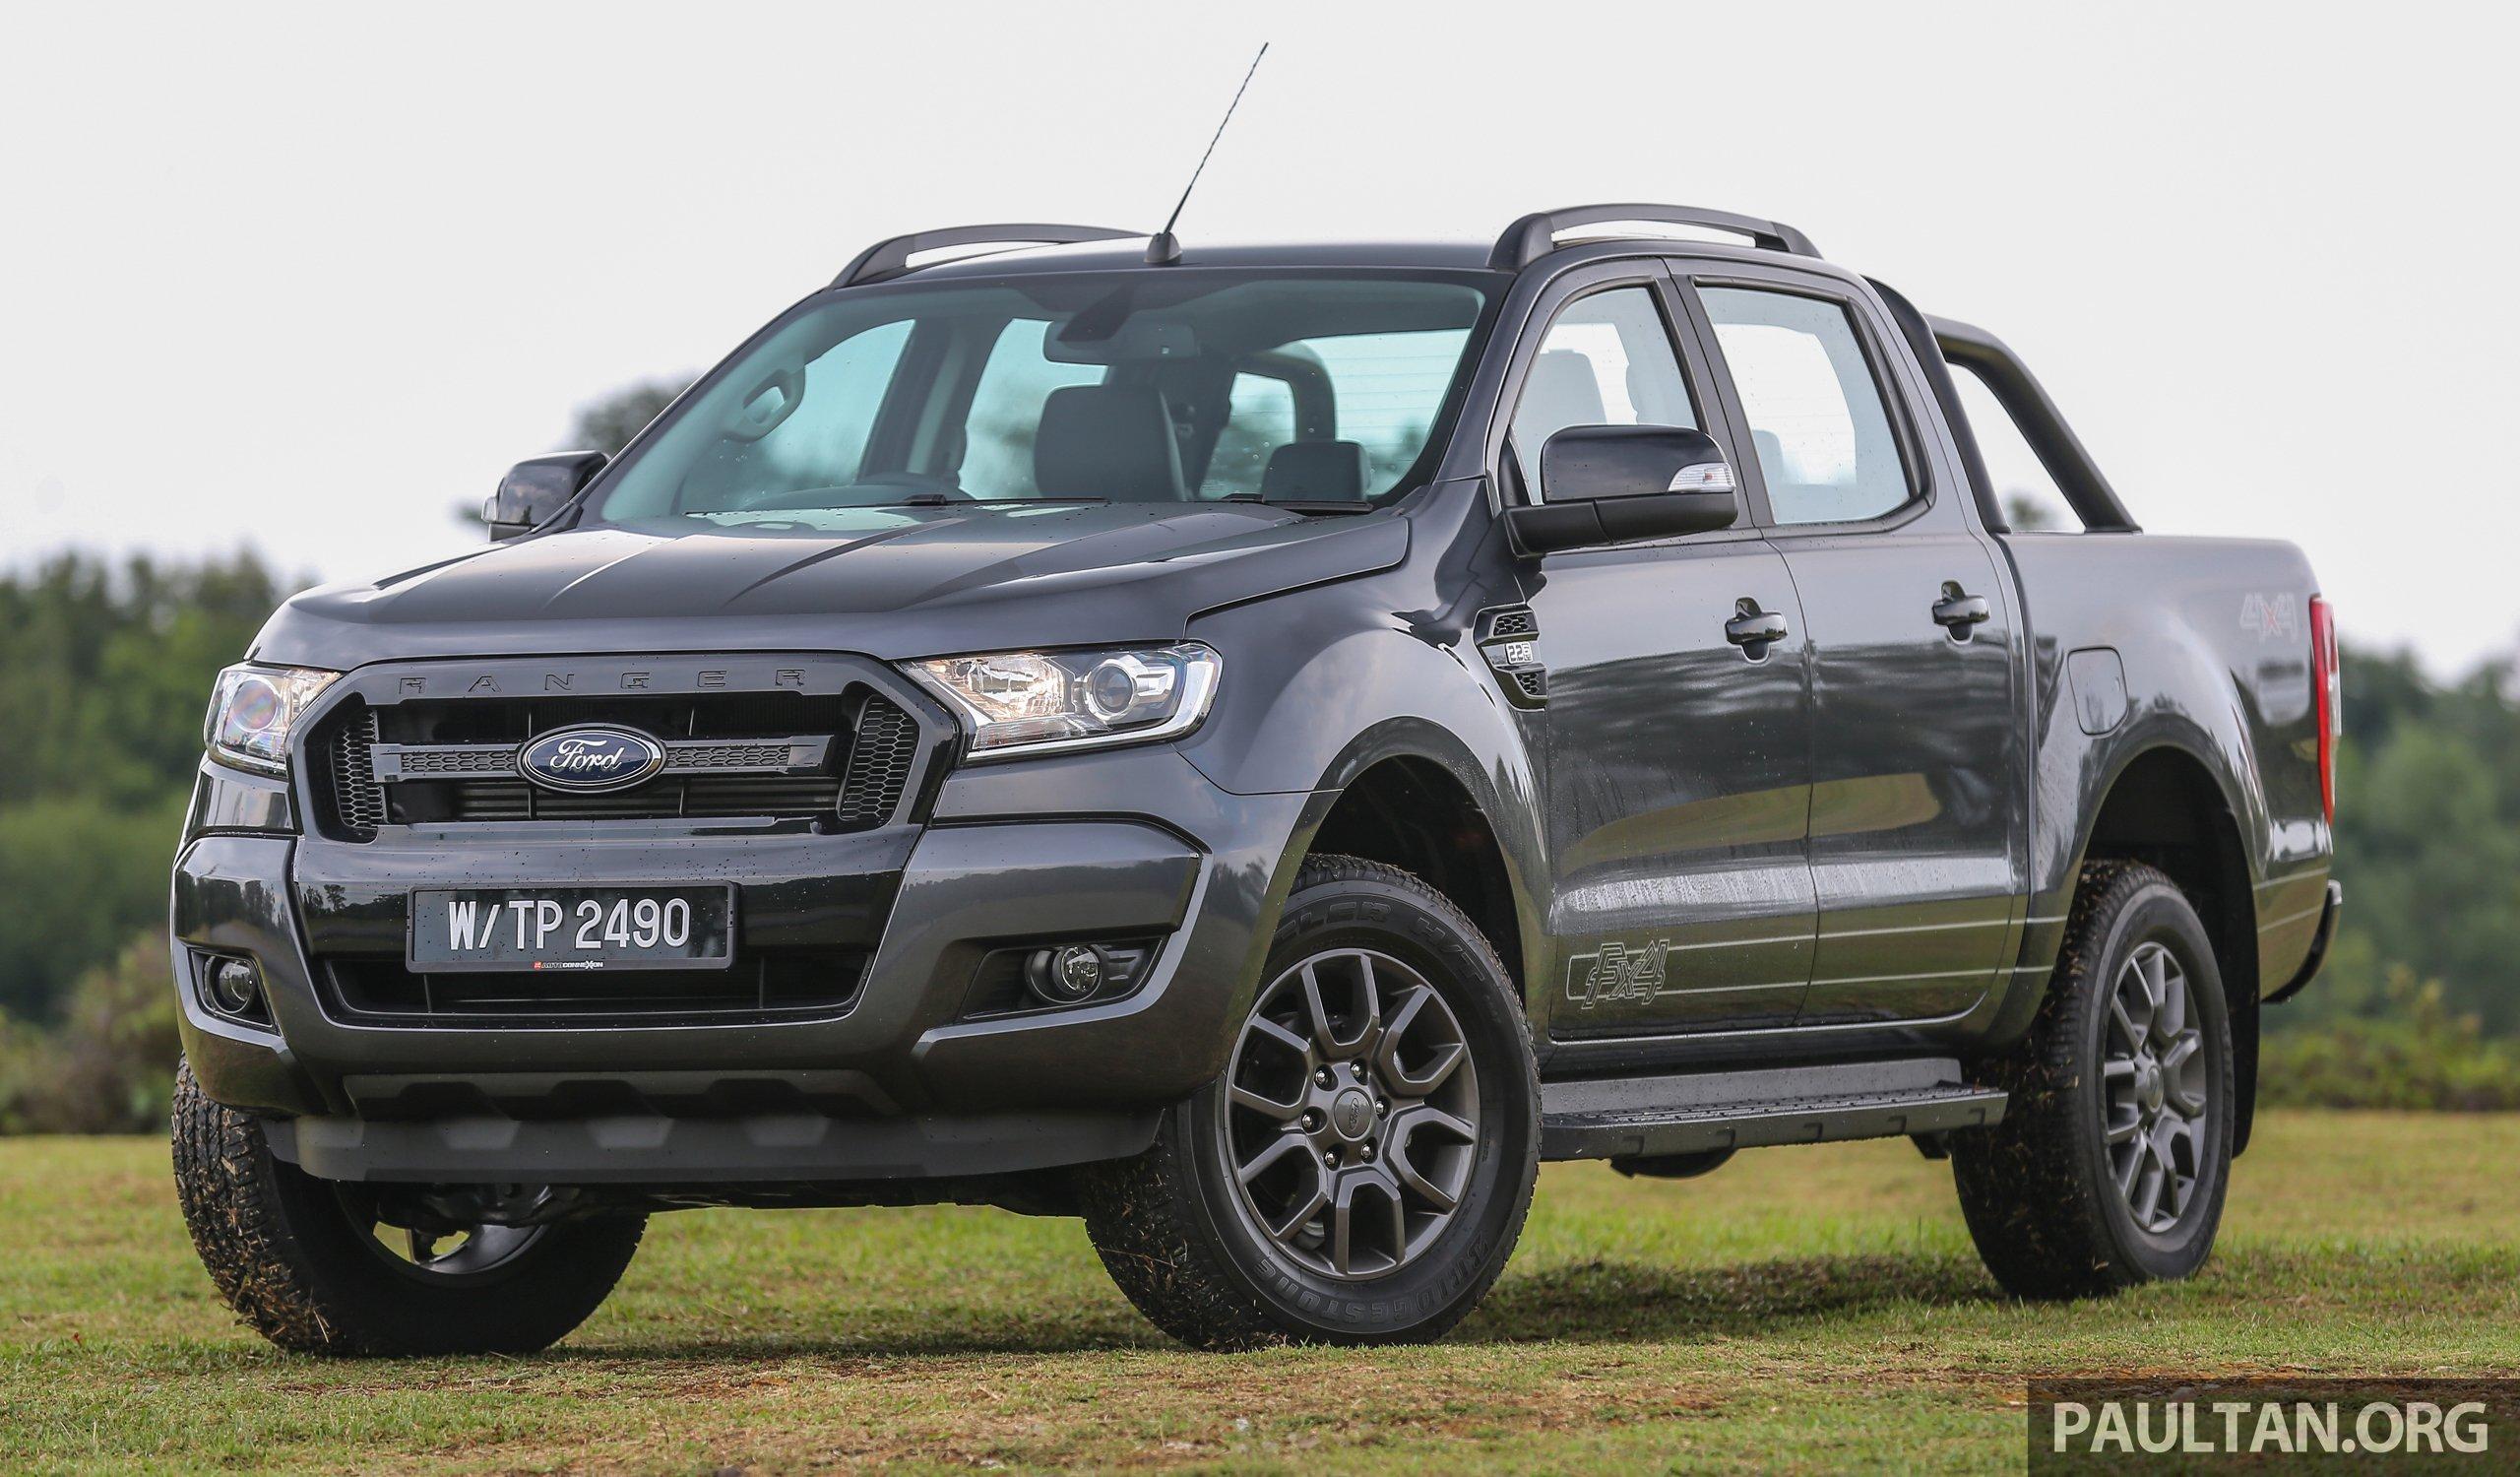 2017 Ford Ranger >> 新车图集:Ford Ranger 2.2L FX4,更具运动化气息。 Ford_Ranger_Fx4_Ext-4 - Paul Tan 汽车资讯网